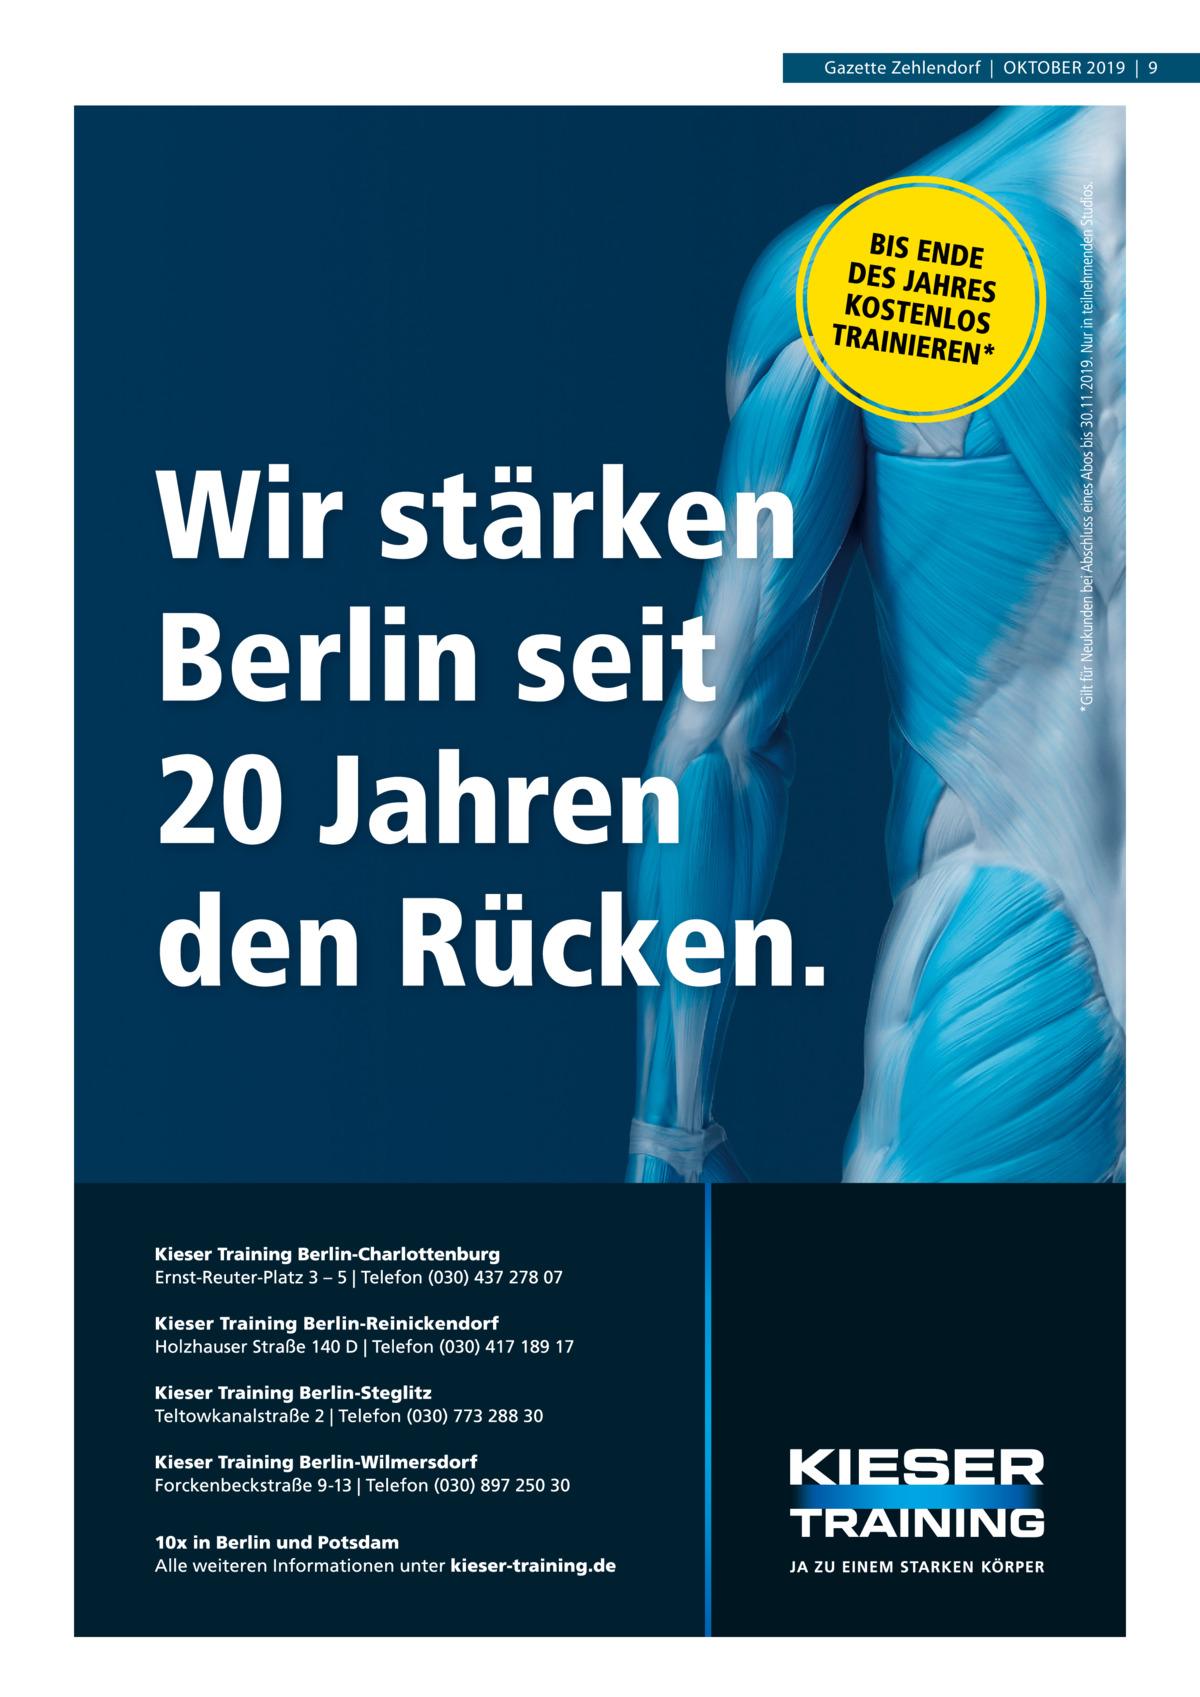 Gazette Zehlendorf|Oktober 2019|9